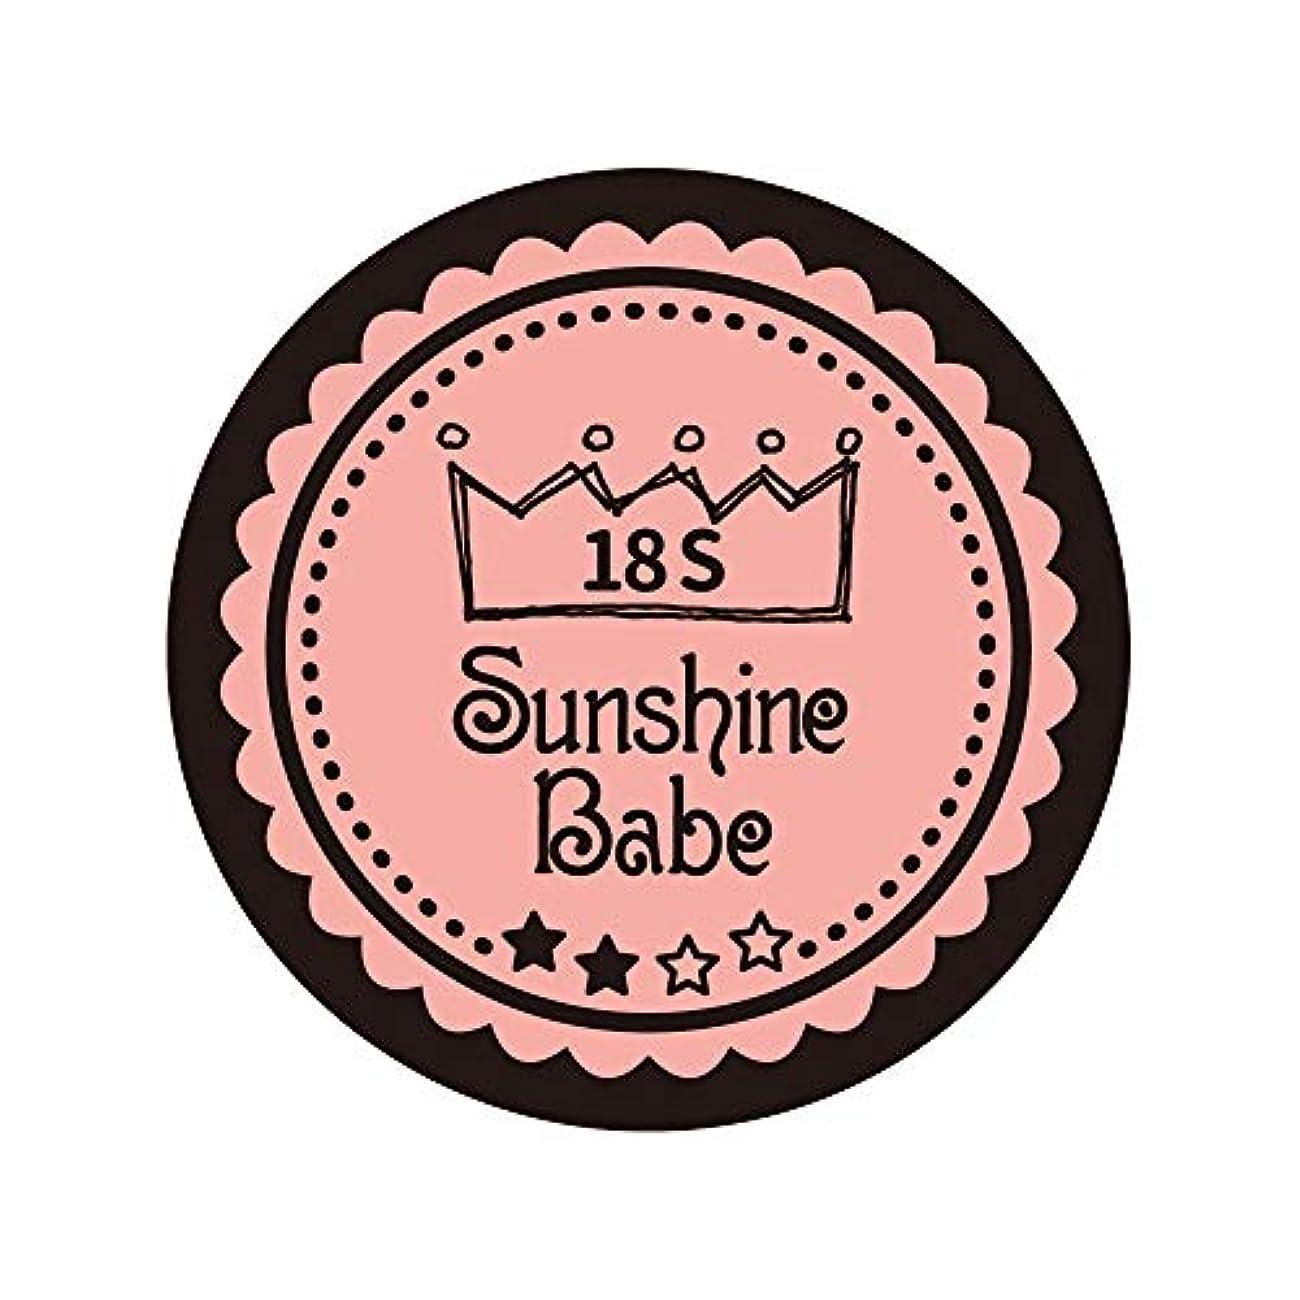 姓消毒剤変形Sunshine Babe コスメティックカラー 18S ロマンティックベリー 4g UV/LED対応